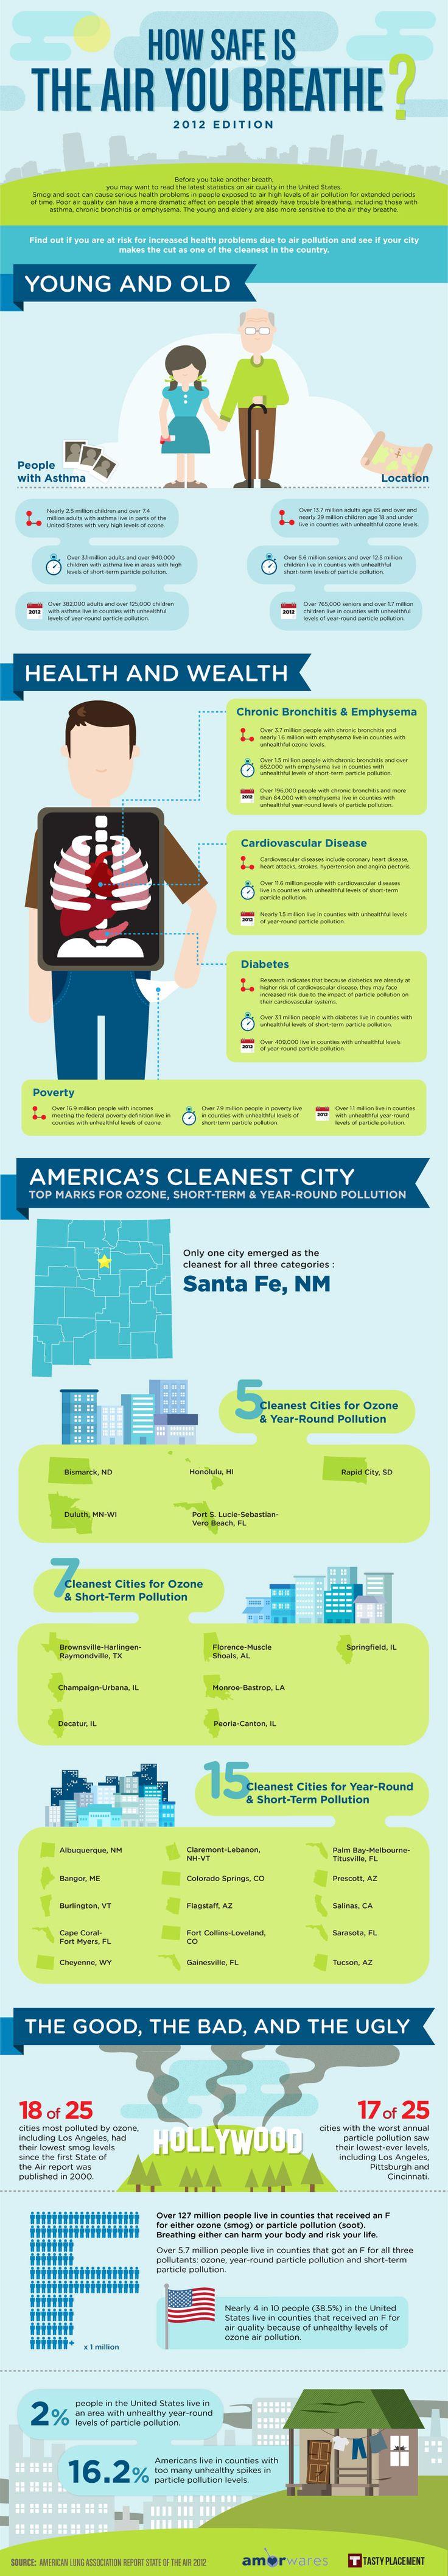 Best 25+ Slogans on pollution ideas on Pinterest | Slogan ...